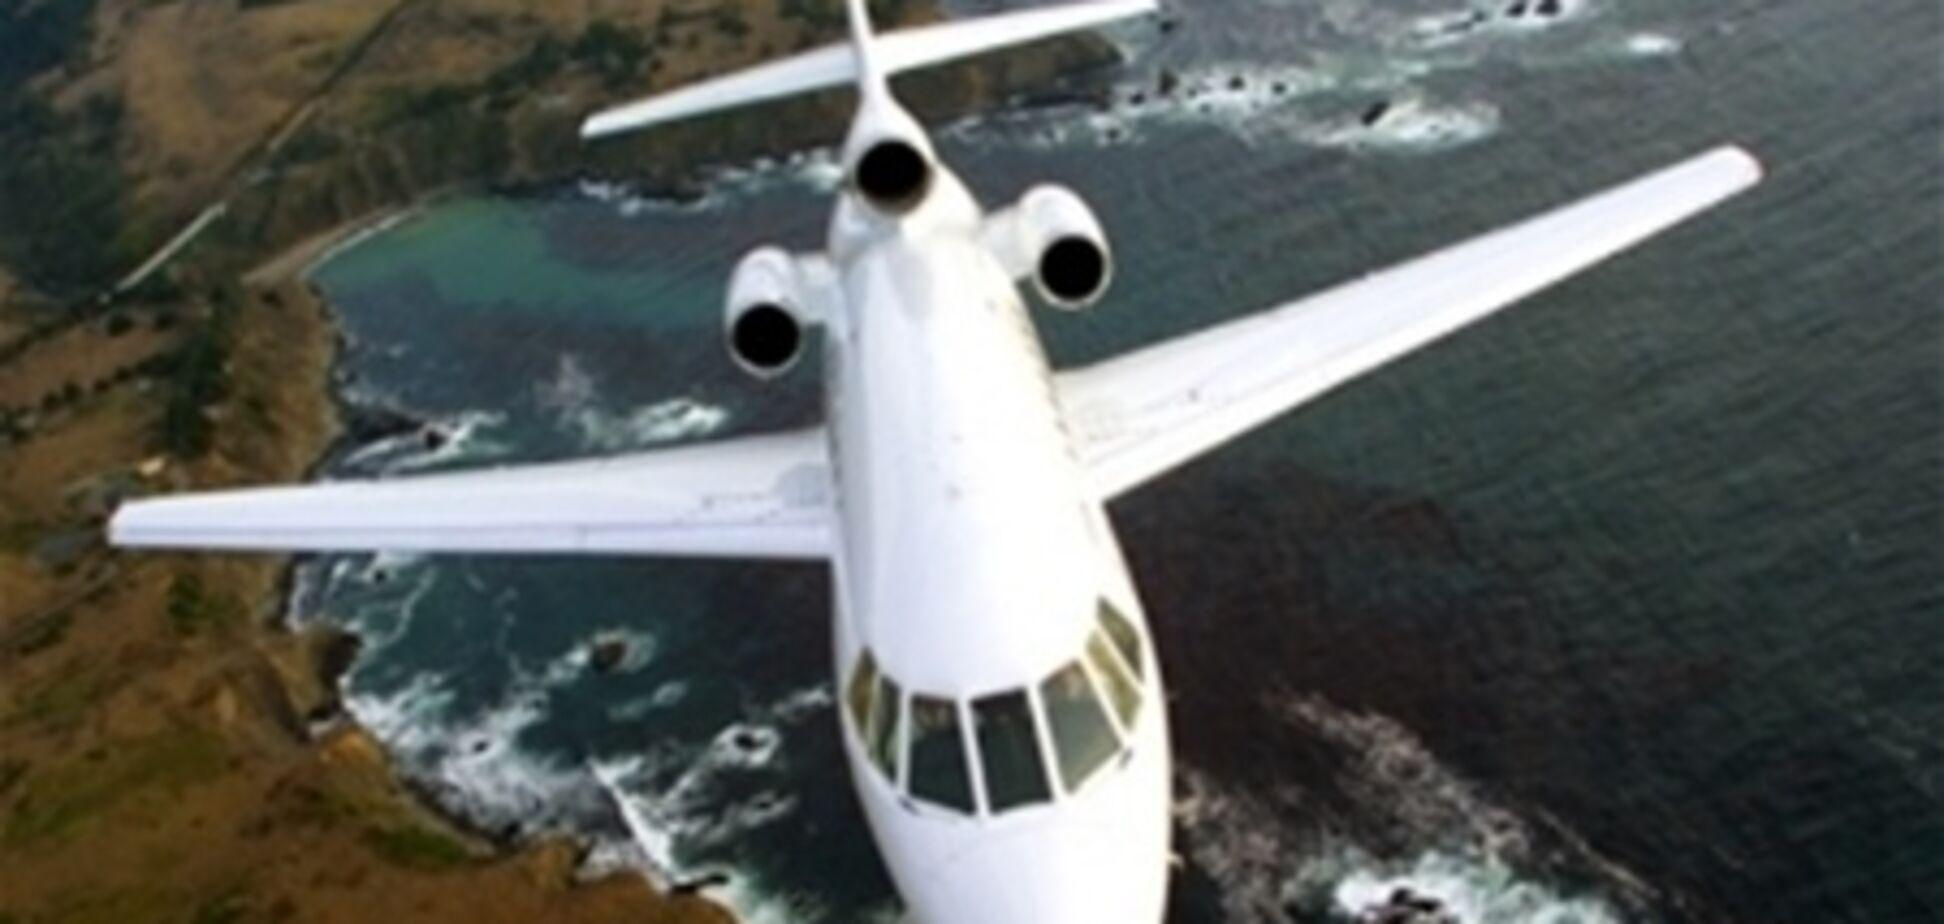 Создатели смартфонов BlackBerry сэкономят на корпоративных самолетах